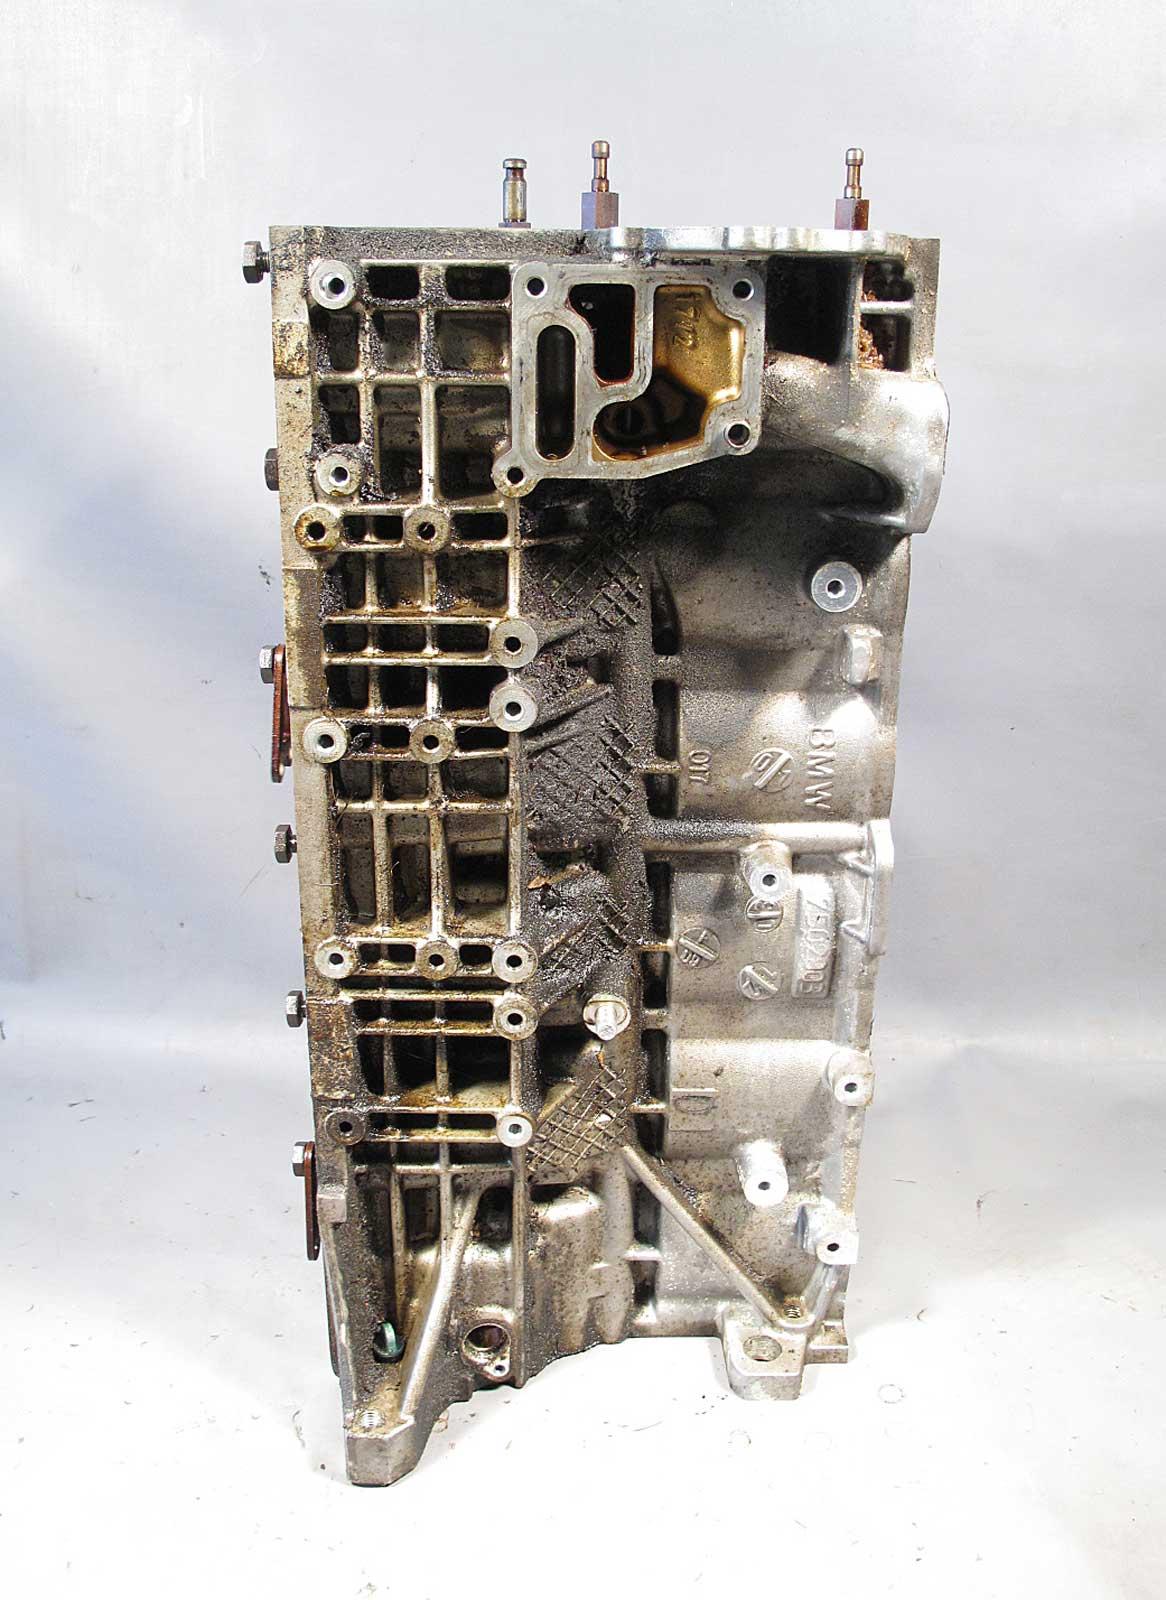 bmw m54 6 cylinder 3 0l engine cylinder block housing bare. Black Bedroom Furniture Sets. Home Design Ideas